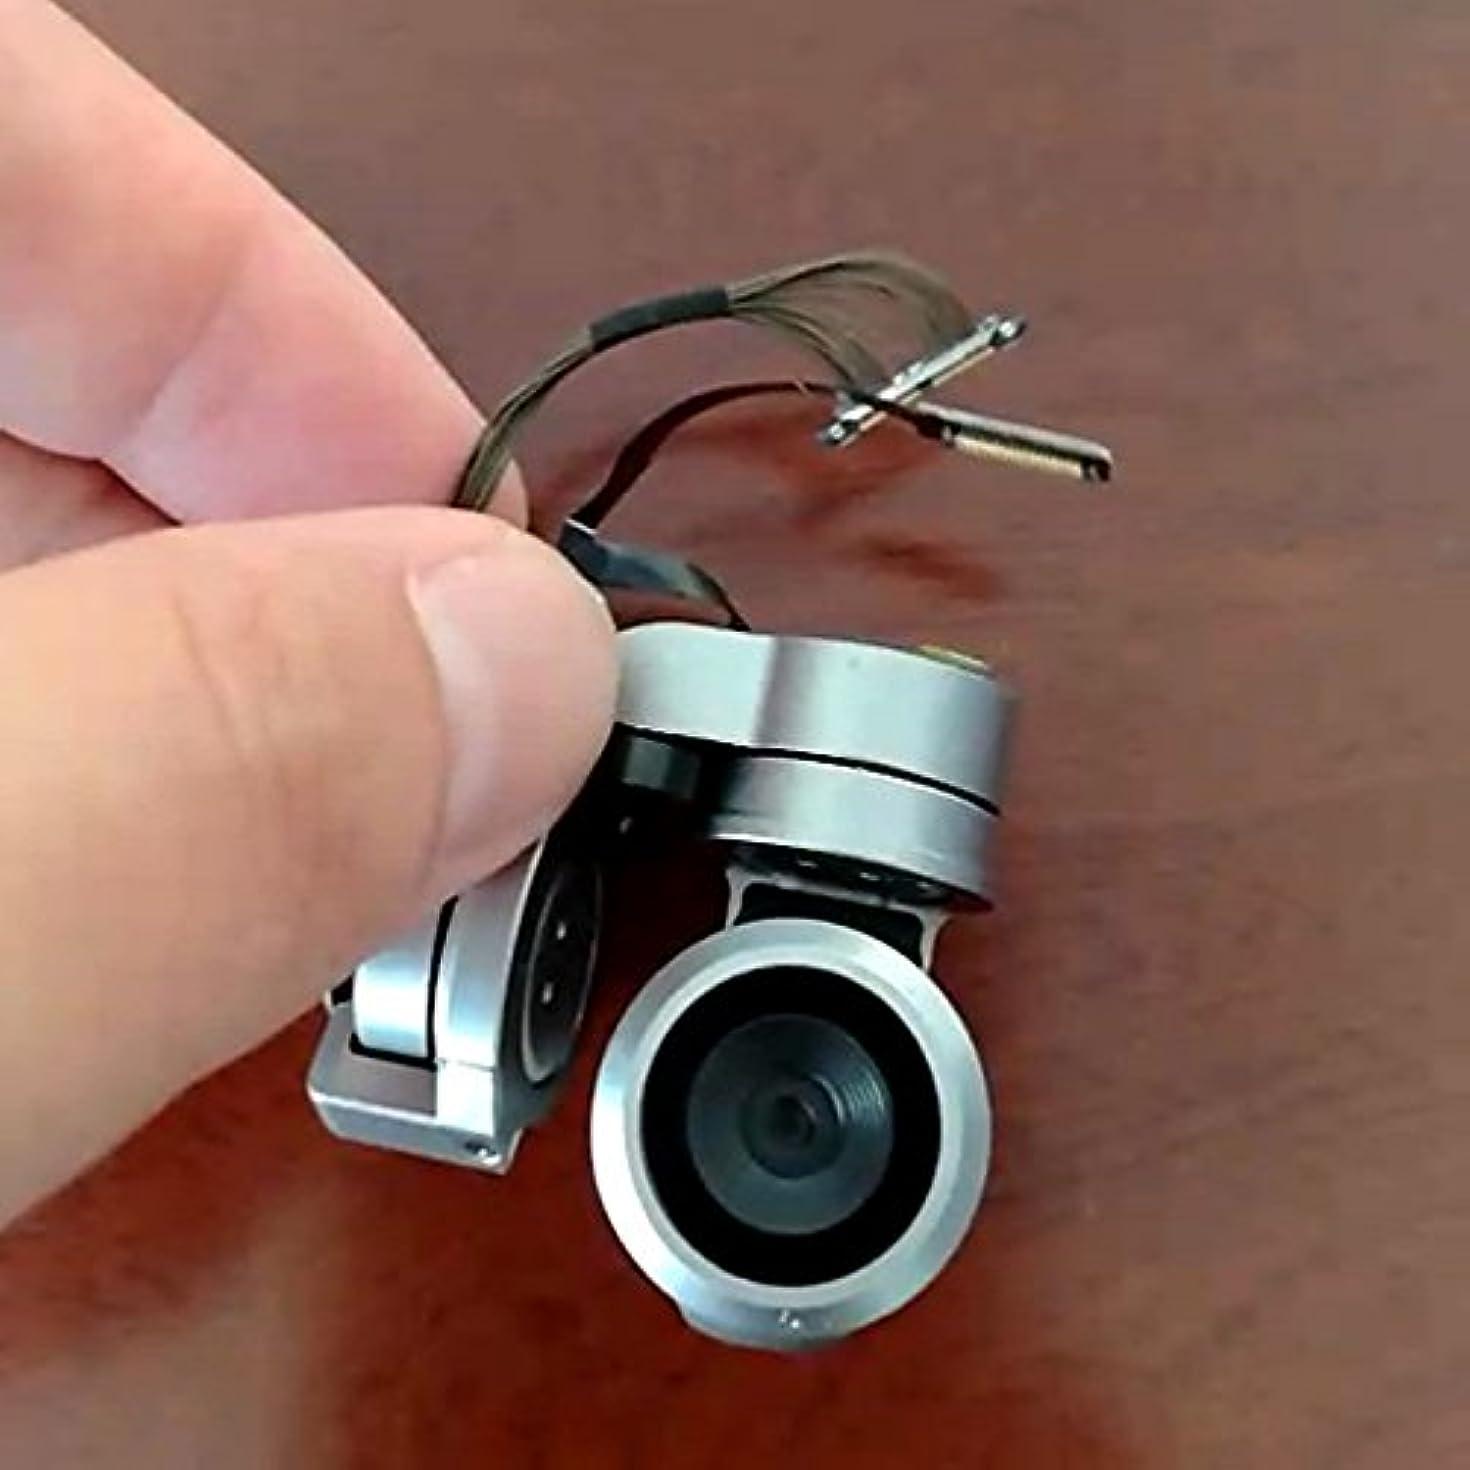 免除するカバー進行中Liebeye フラットケーブル修理部品 フラットケーブル修理部品付きオリジナルジンバルカメラアーム ? ロイヤルPTZカメラキット成分